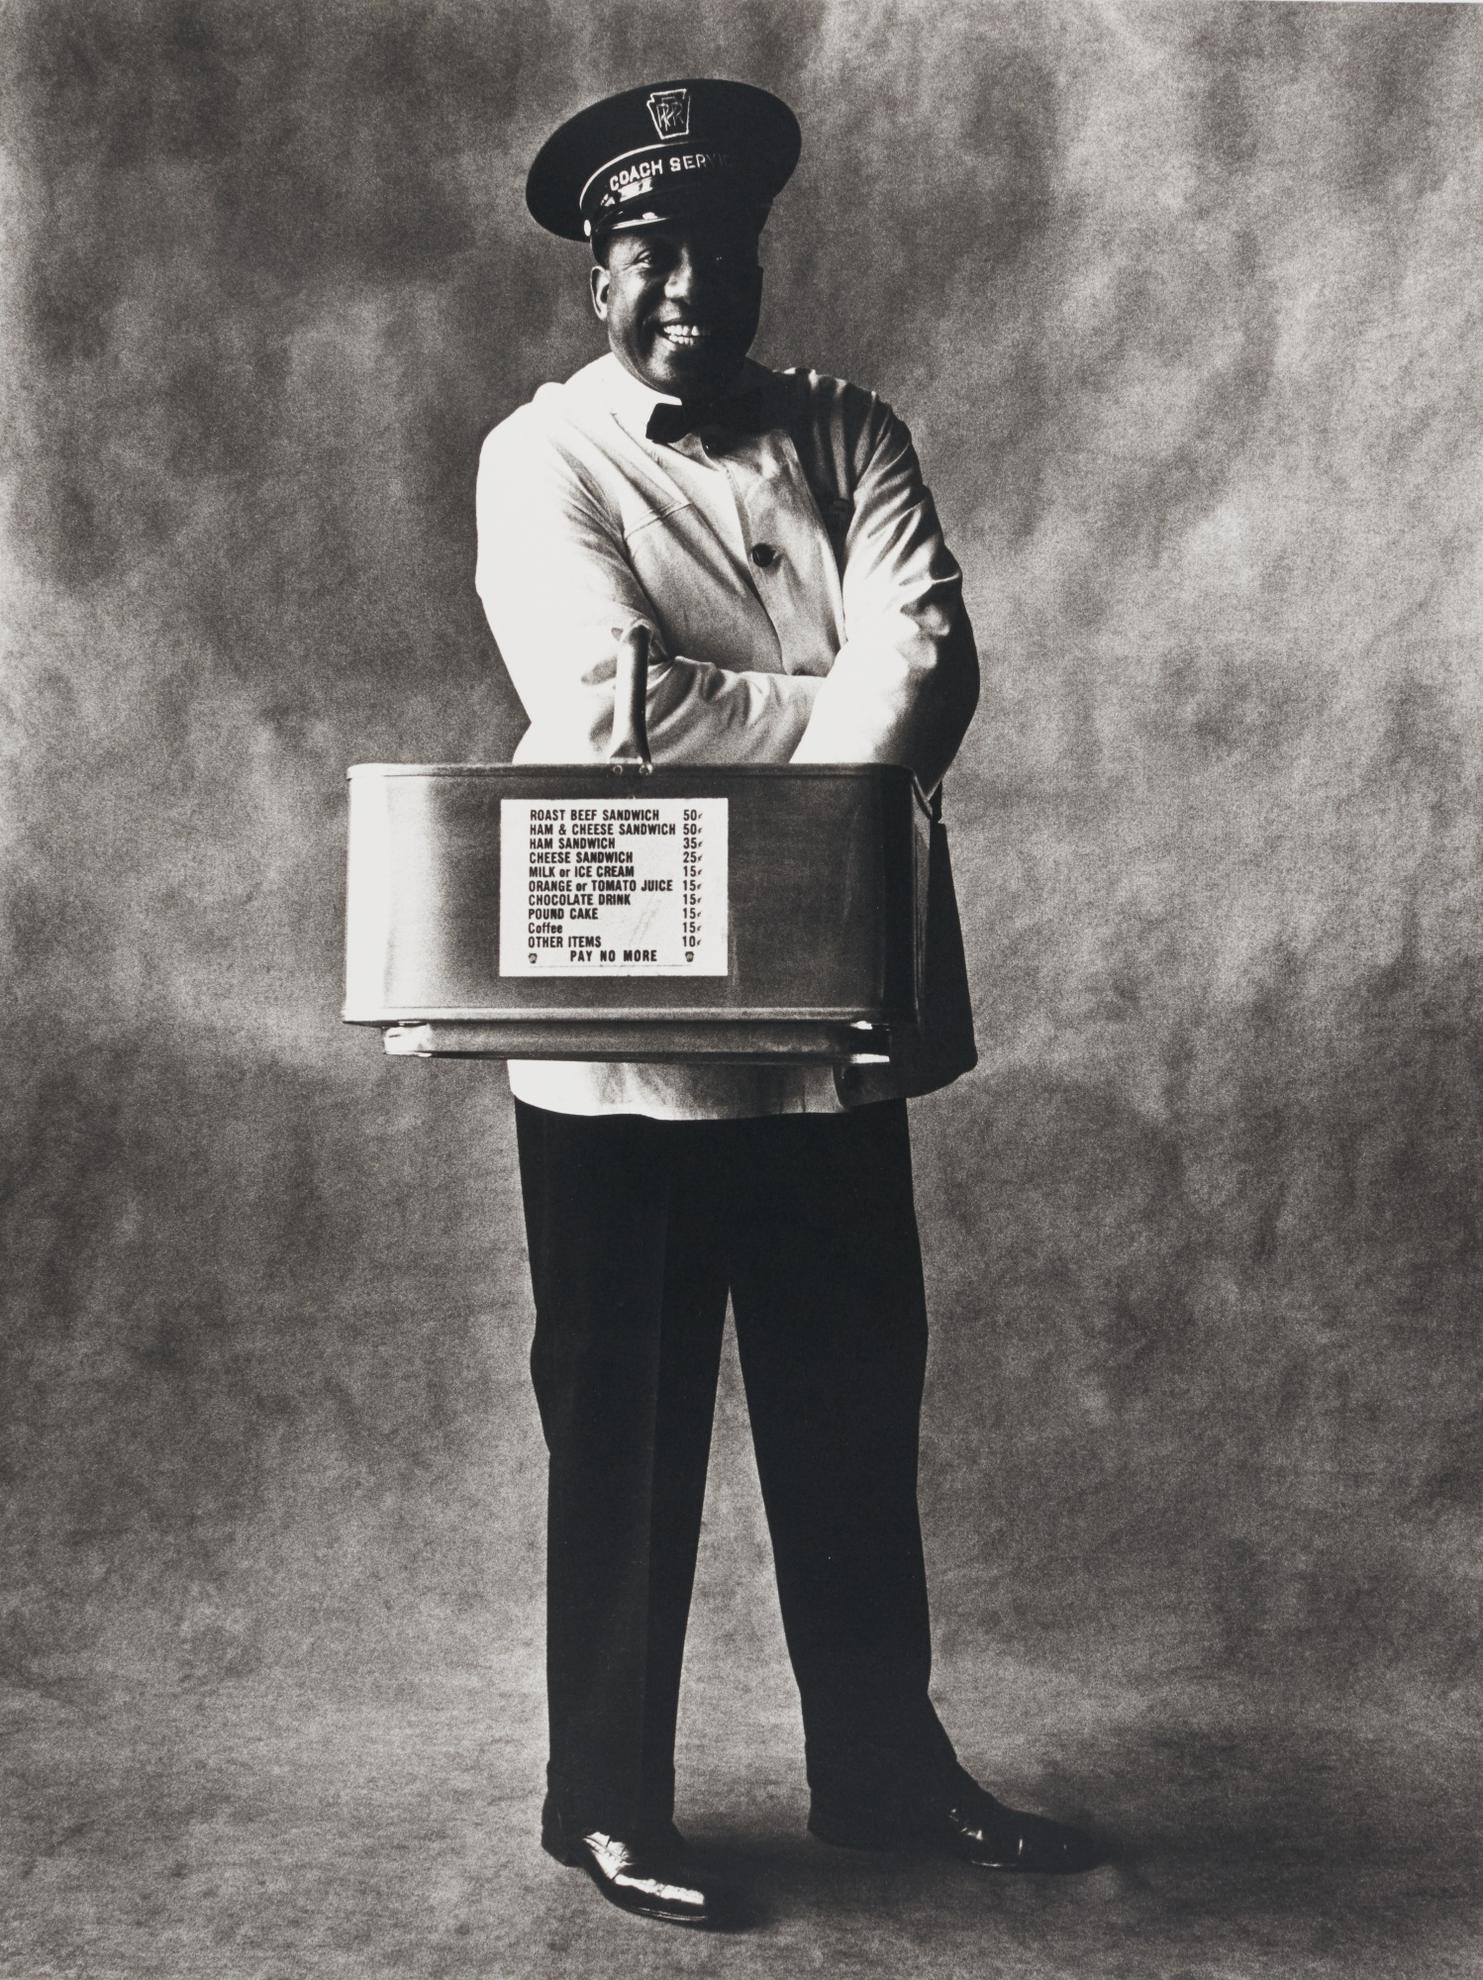 Irving Penn-Train Coach Waiter, New York-1951